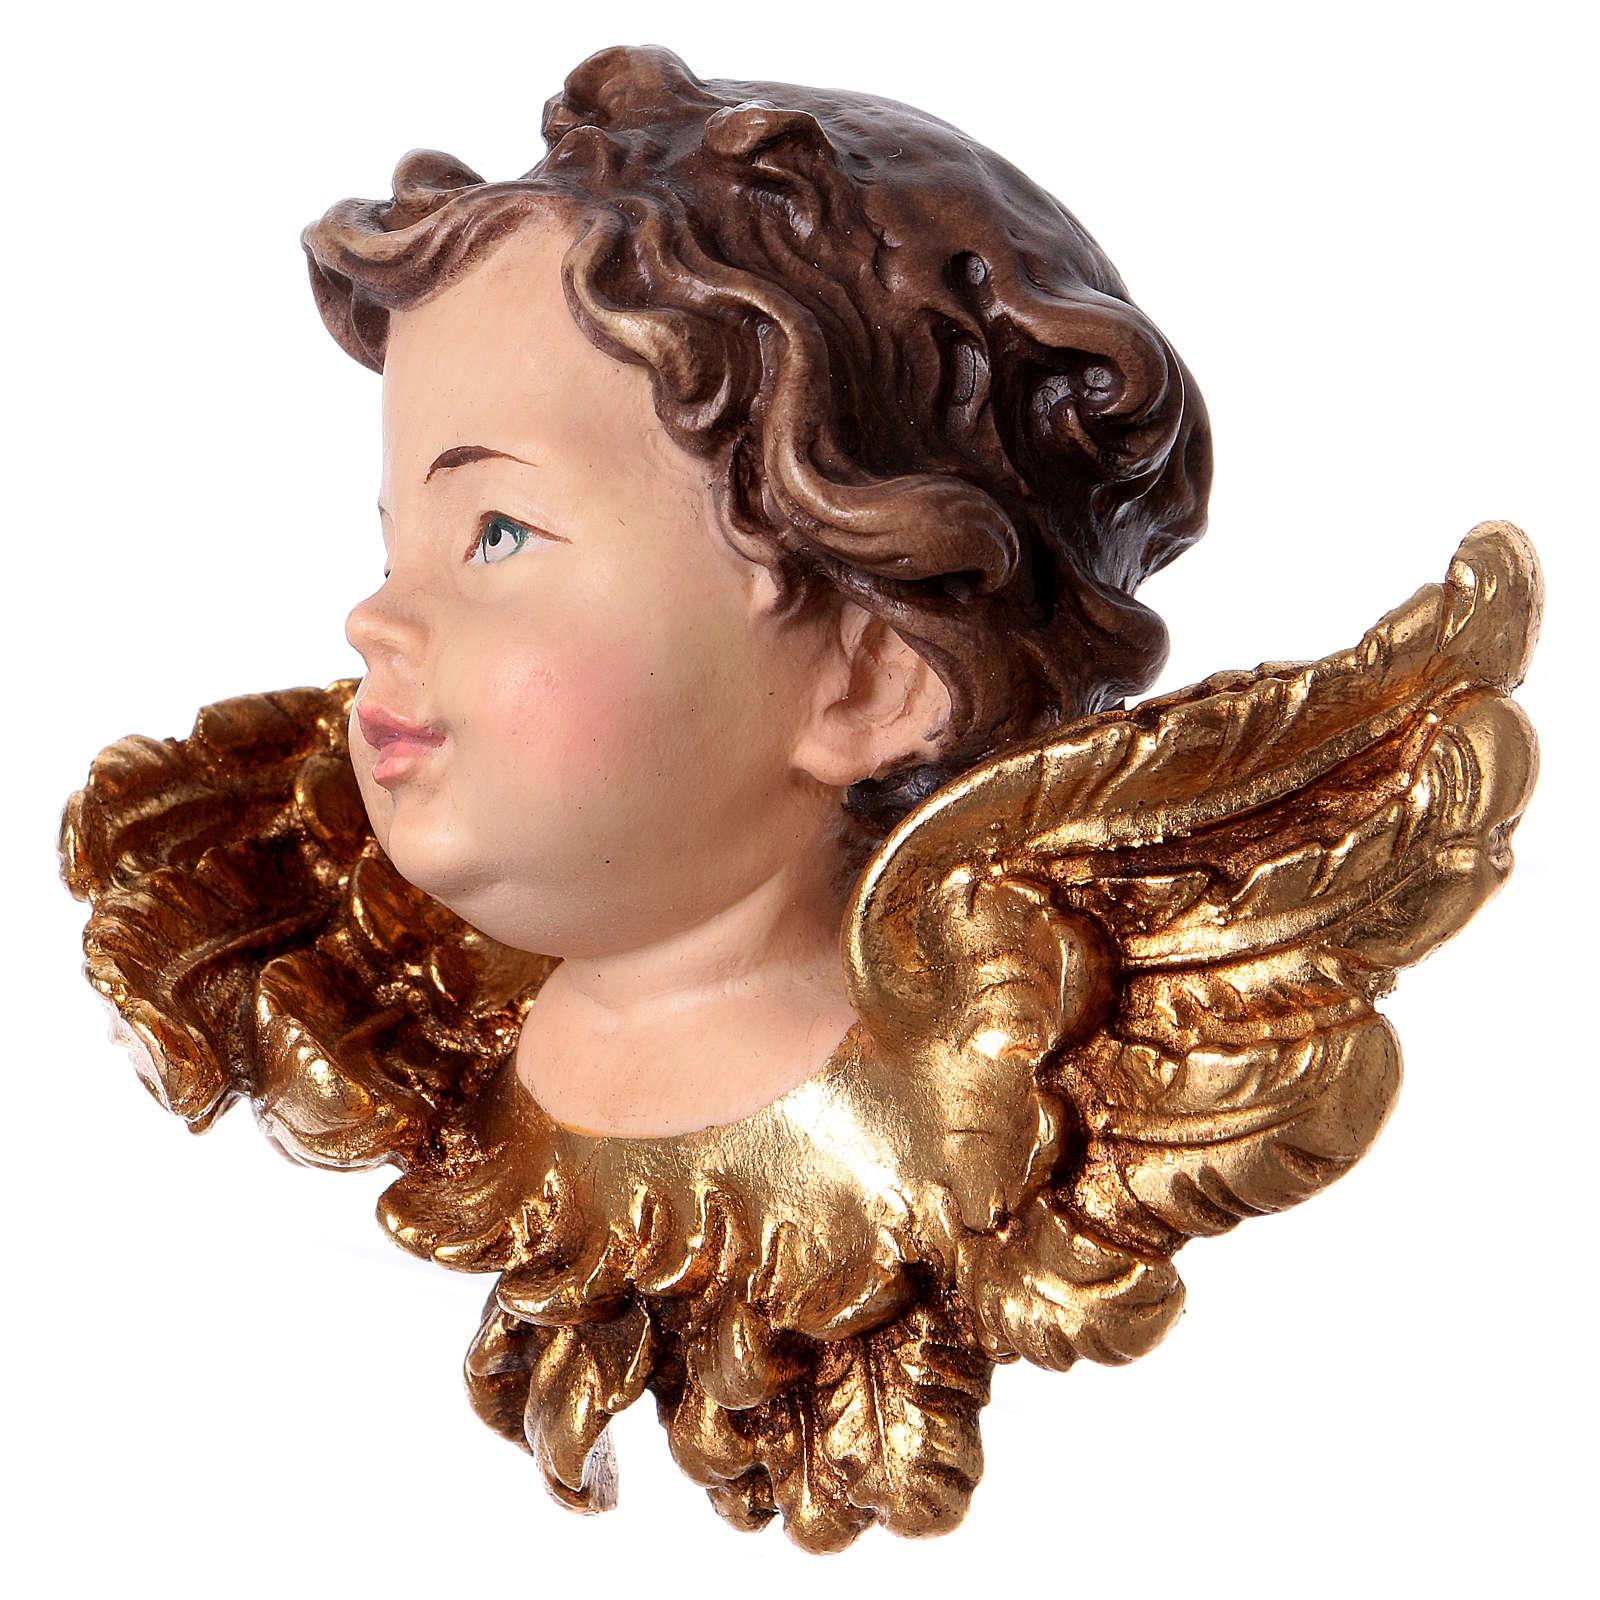 Testina d'angelo destra legno Valgardena 3